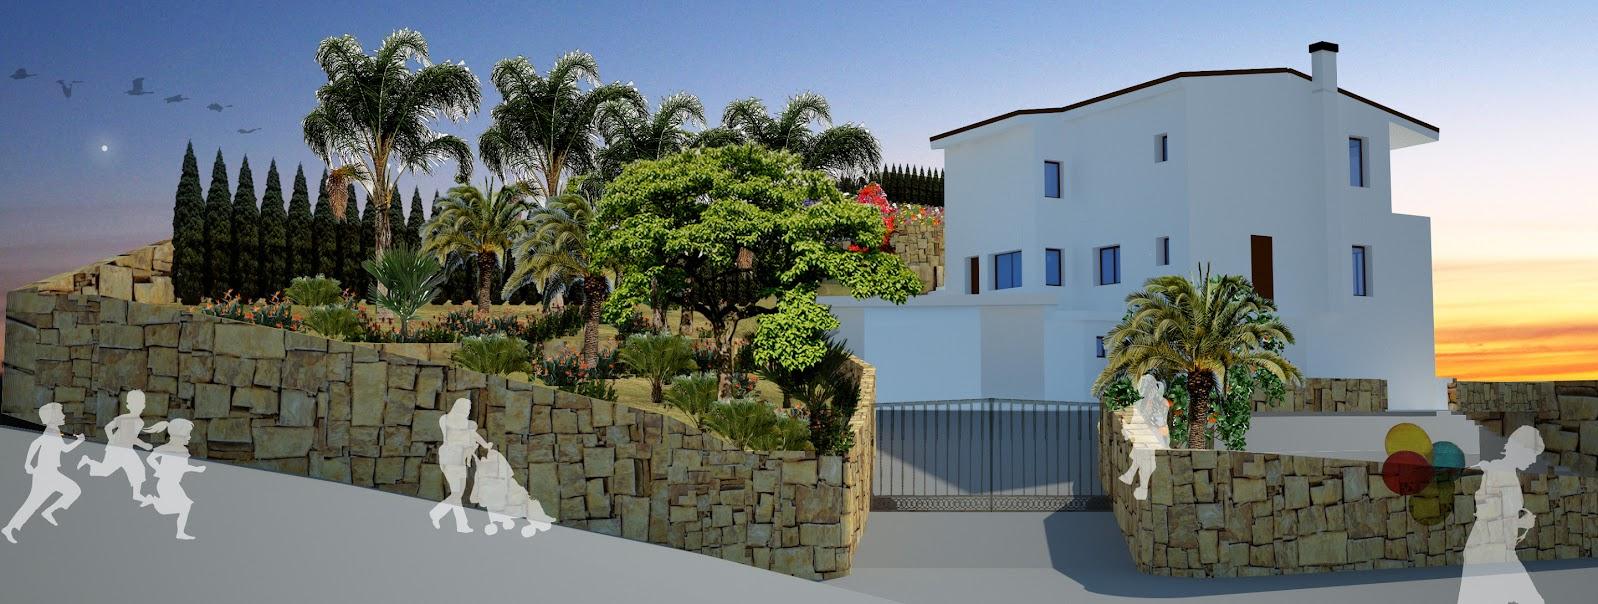 proyecto paisajismo diseño jardín jardinería tropical mediterráneo césped terrazas plano planos